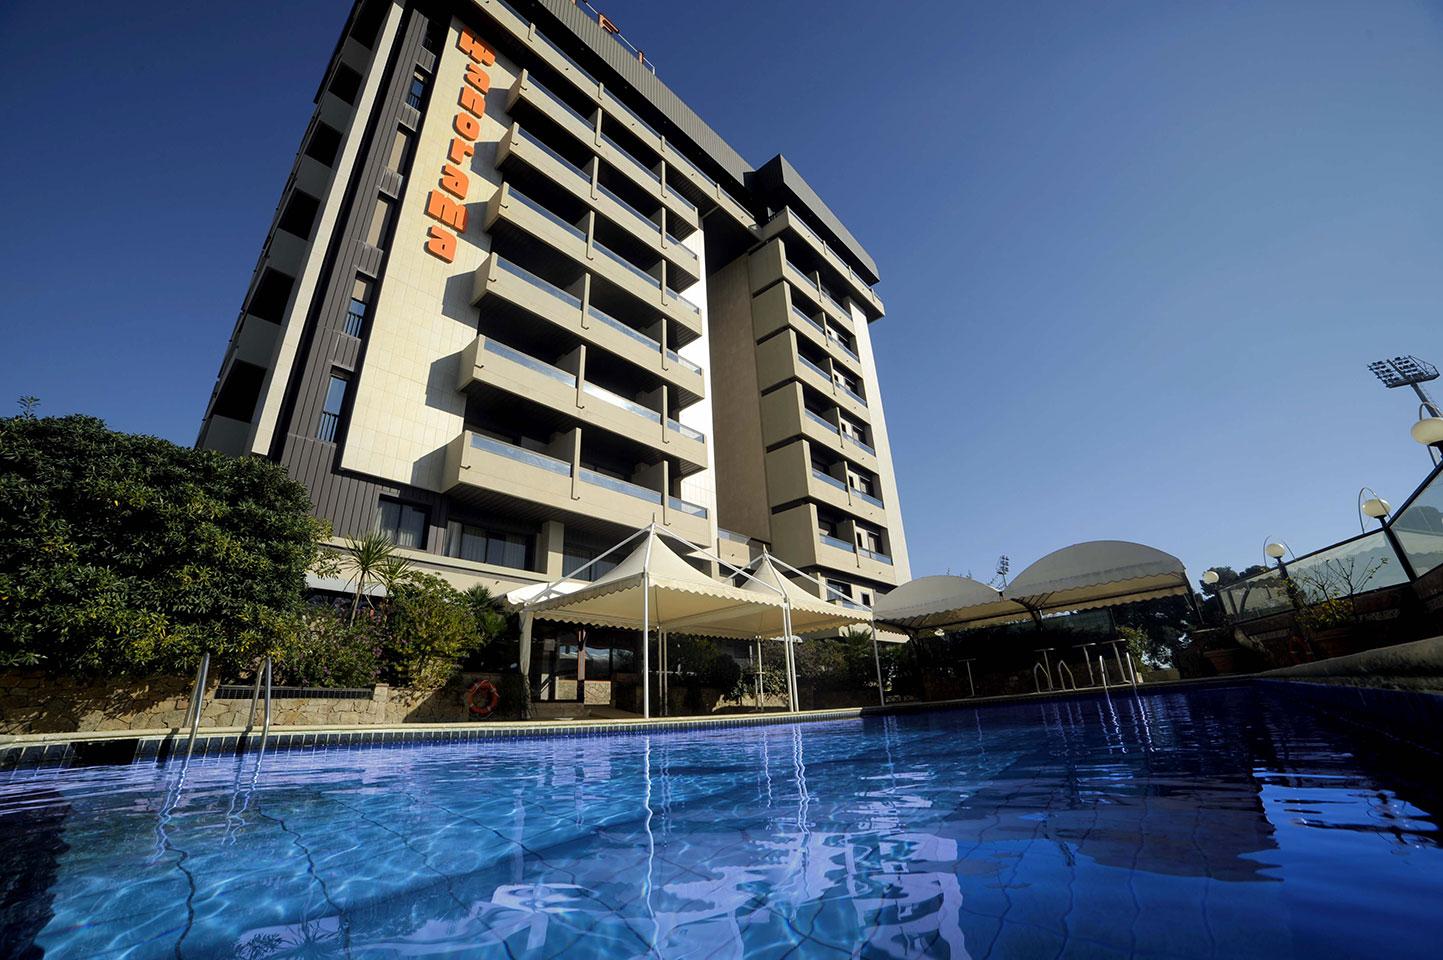 Hotel panorama cagliari cagliari cerde a italia for Hotel panorama